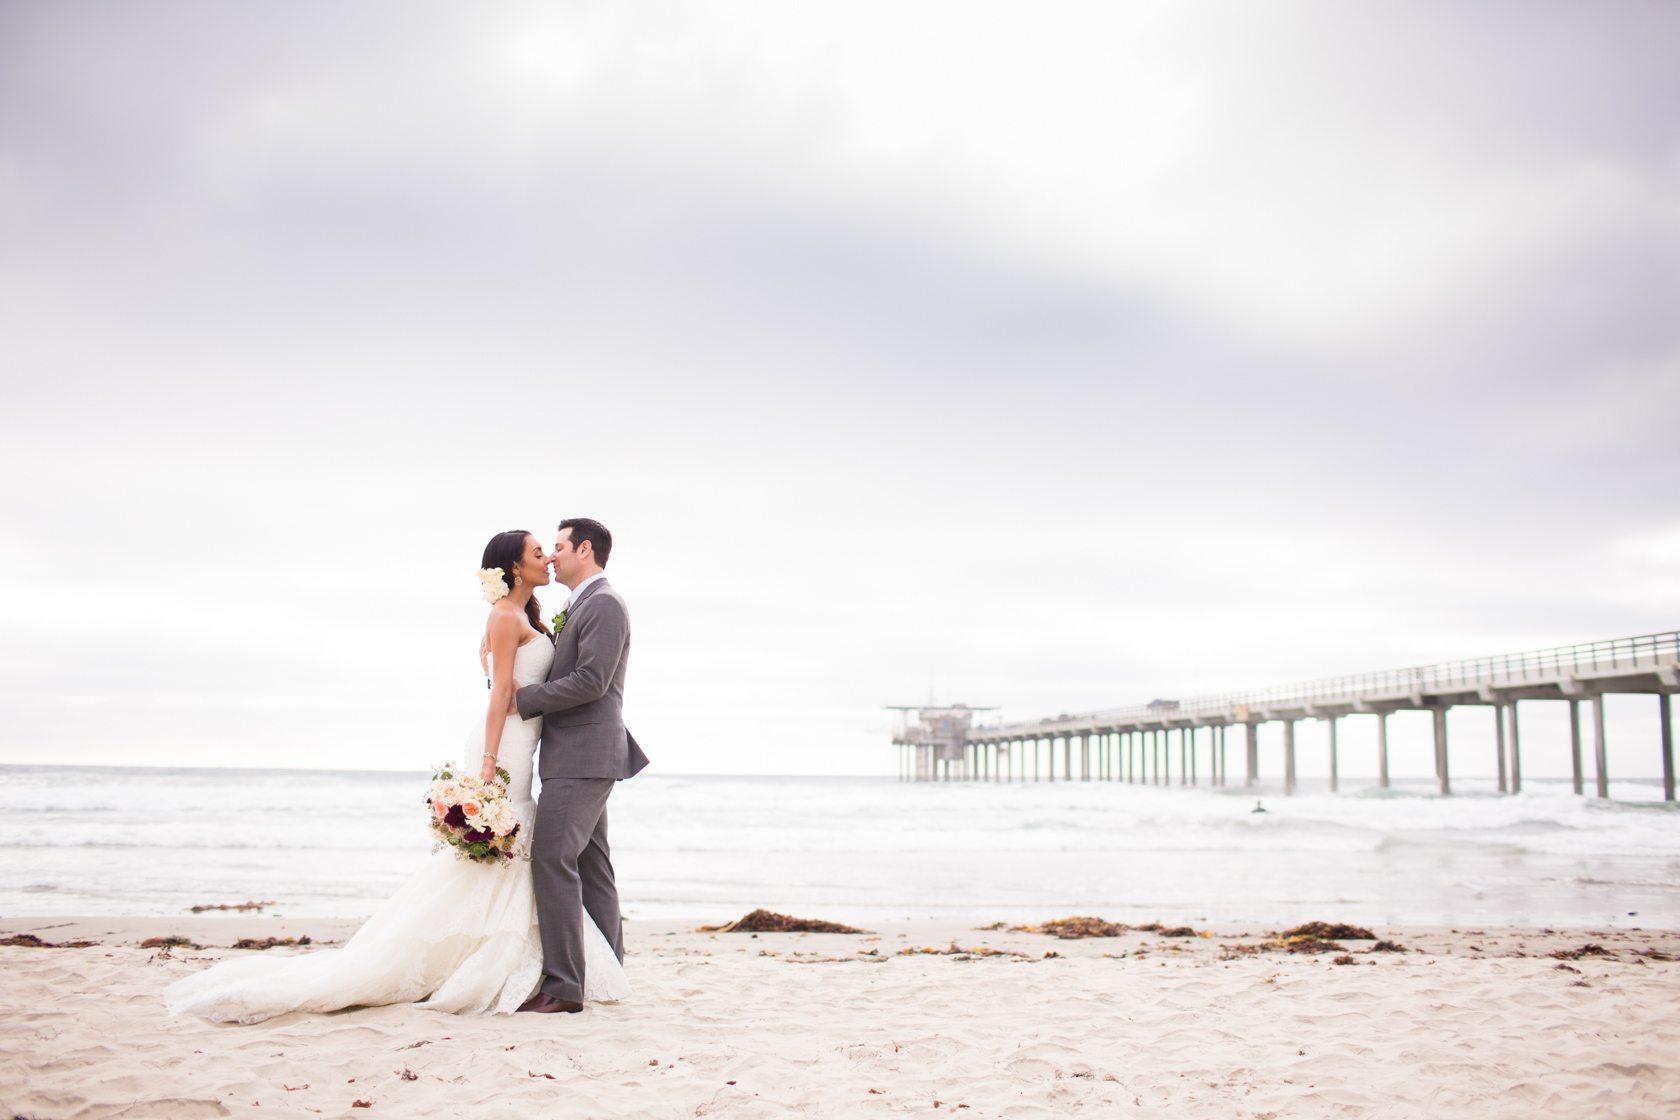 Romantic_Estancia_La_Jolla_Wedding_004.jpg